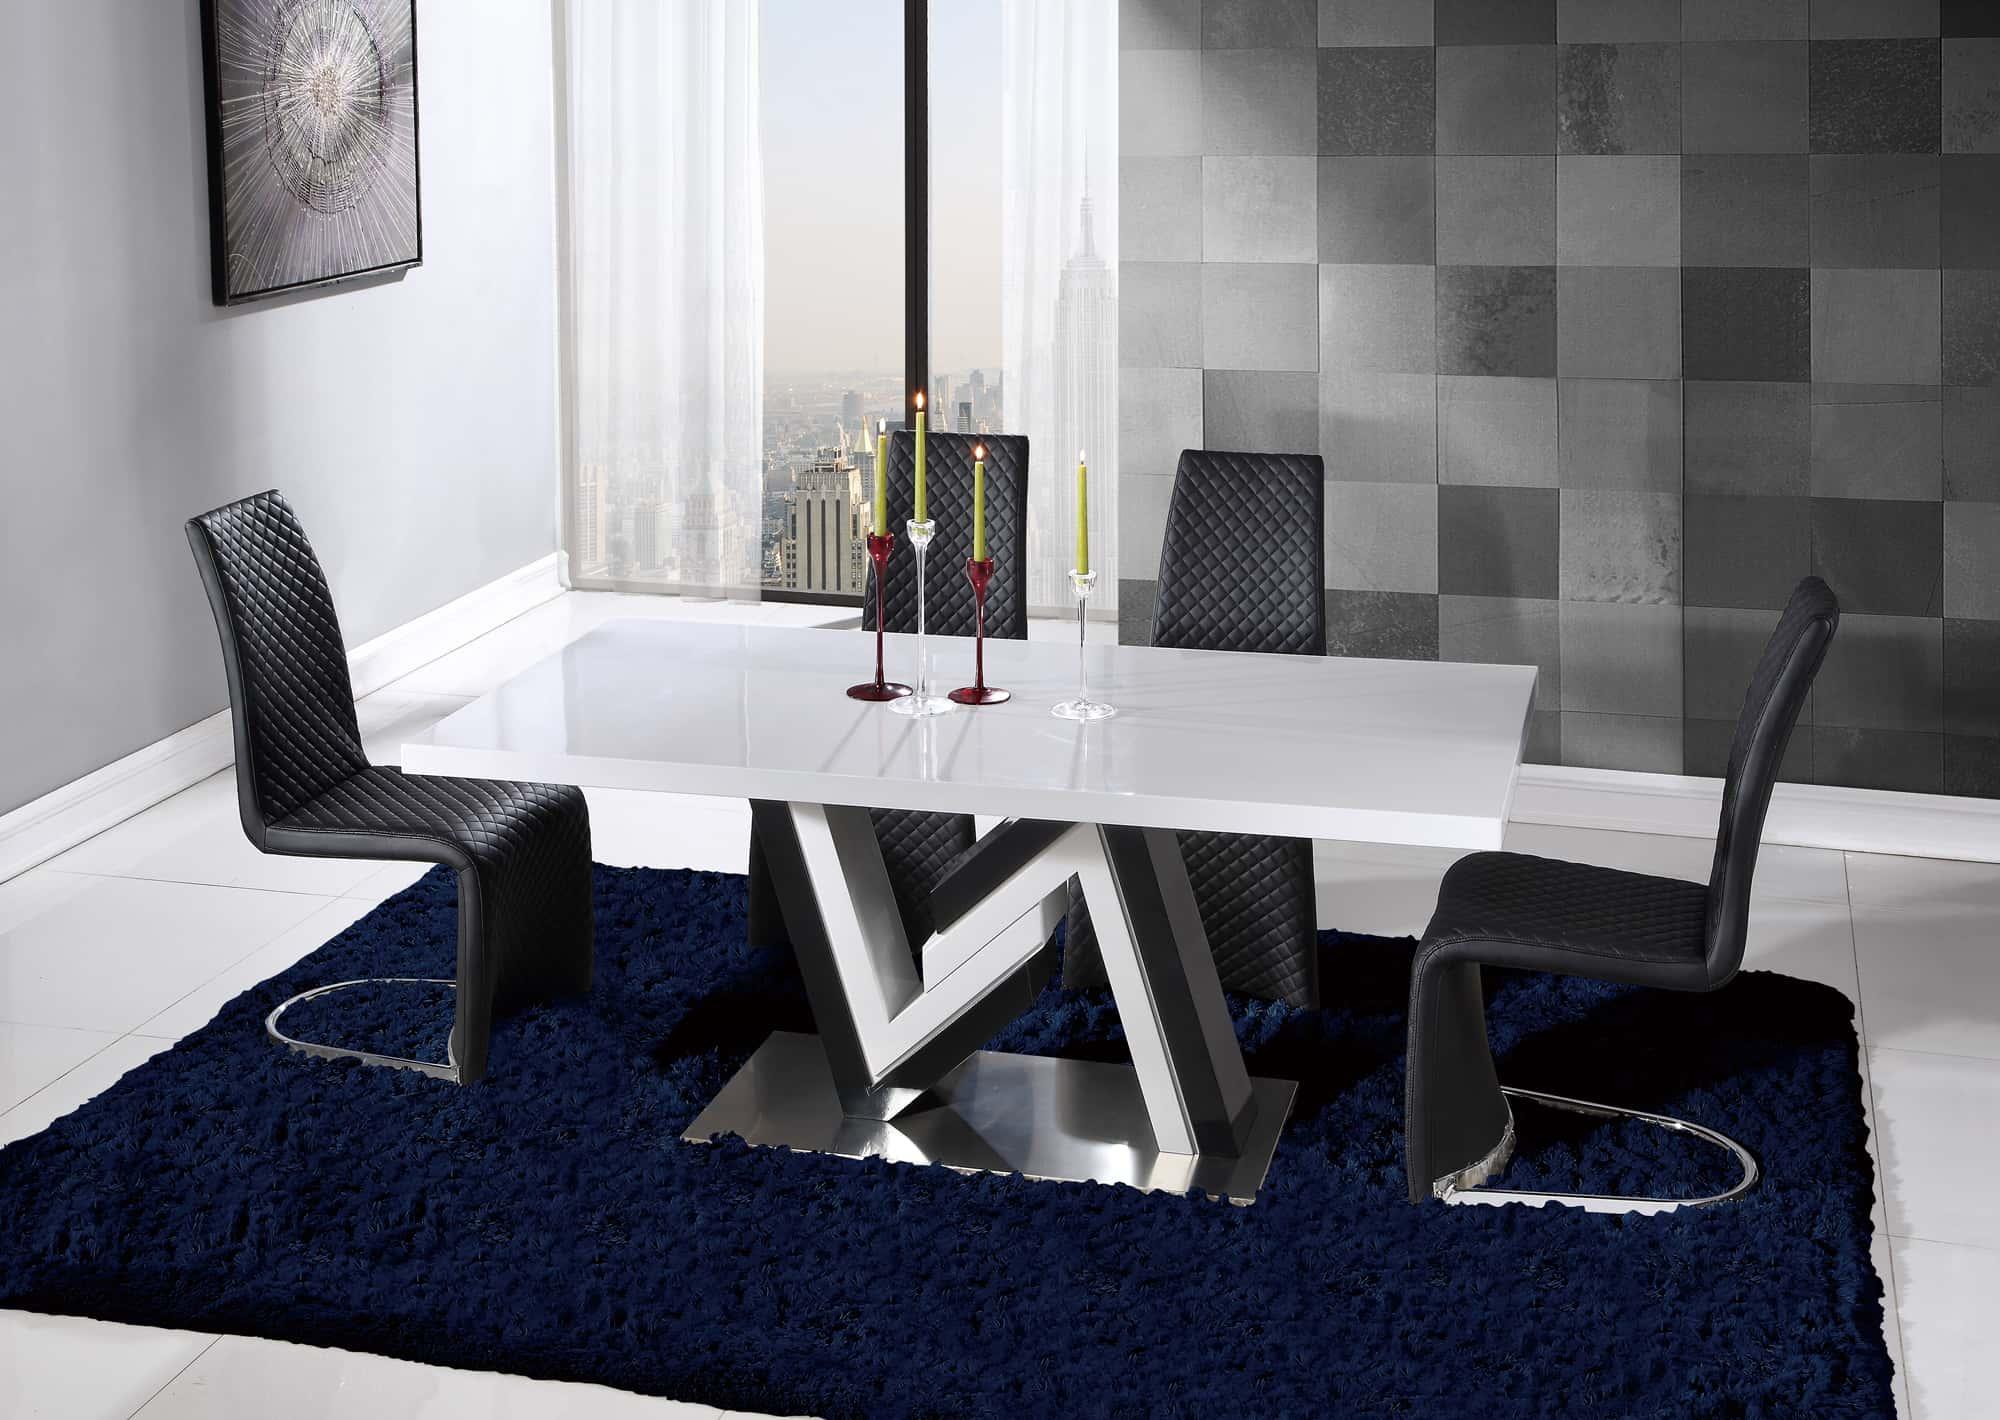 dining table d4163dt black & white hgglobal furniture